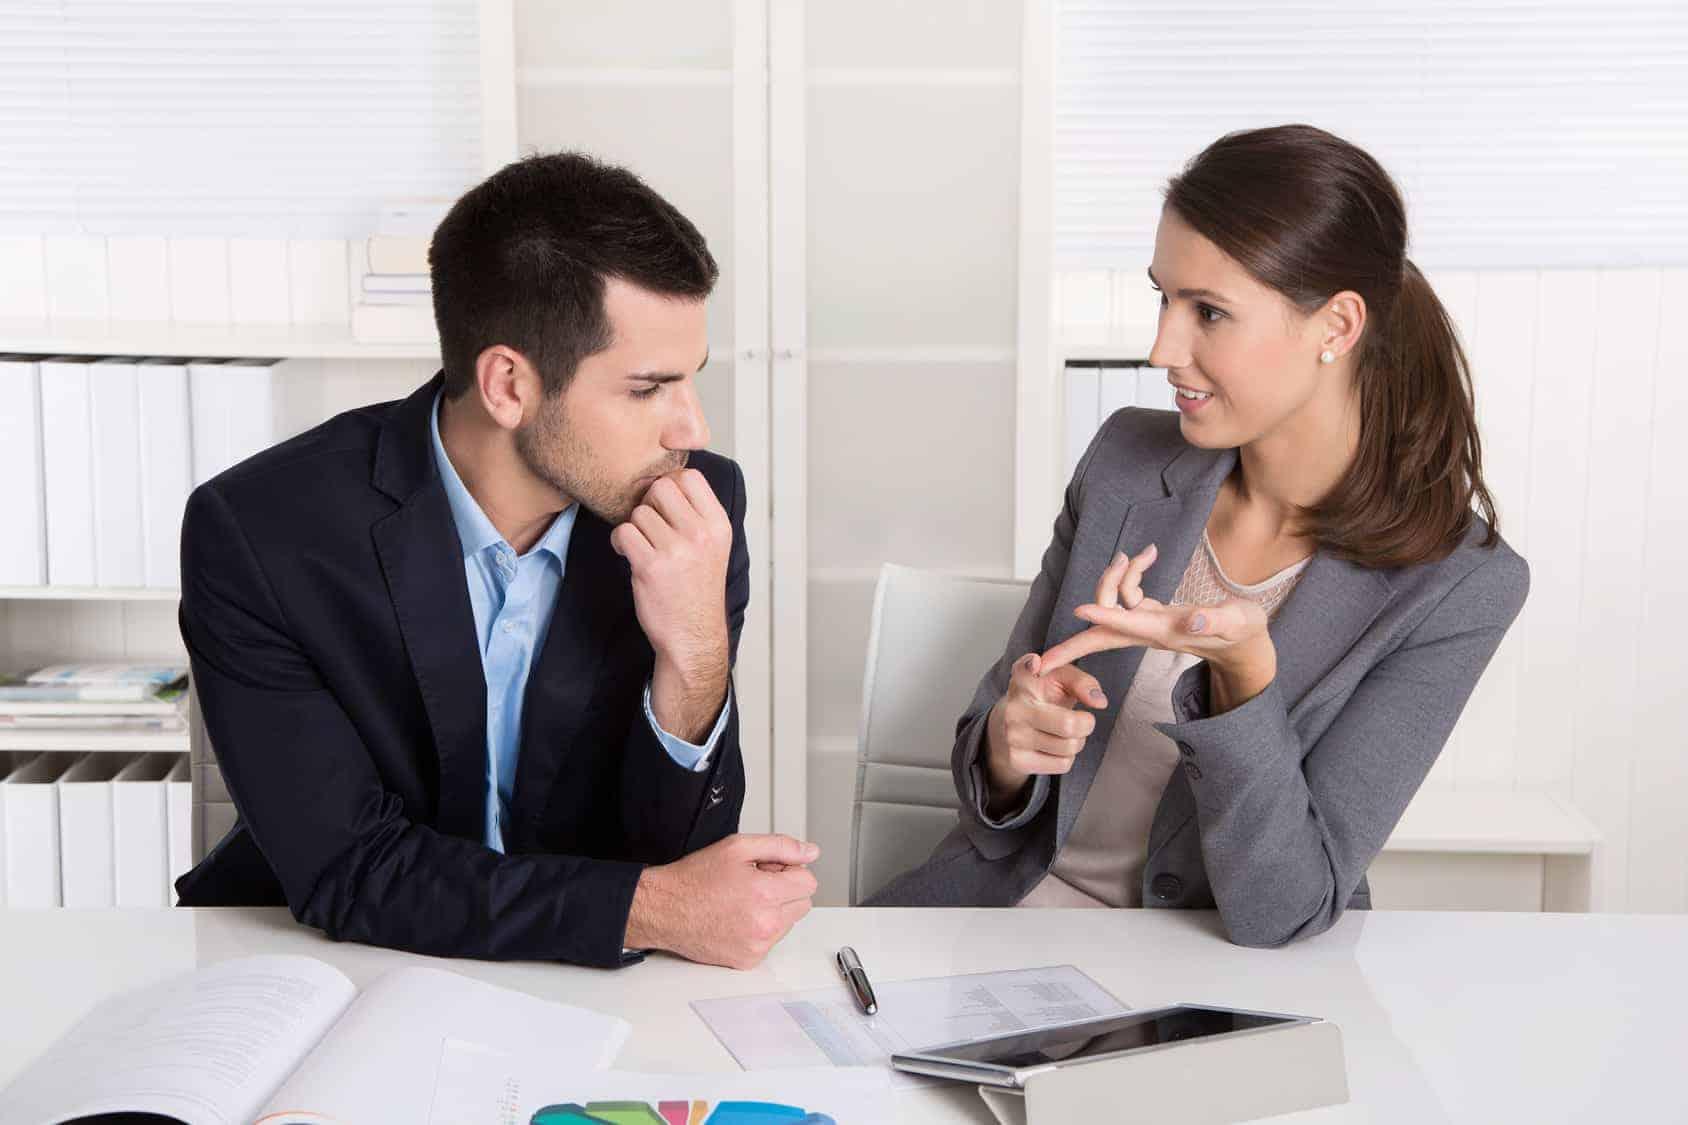 5 Tipps Wie Sie Nervige Kollegen Besser Ertragen